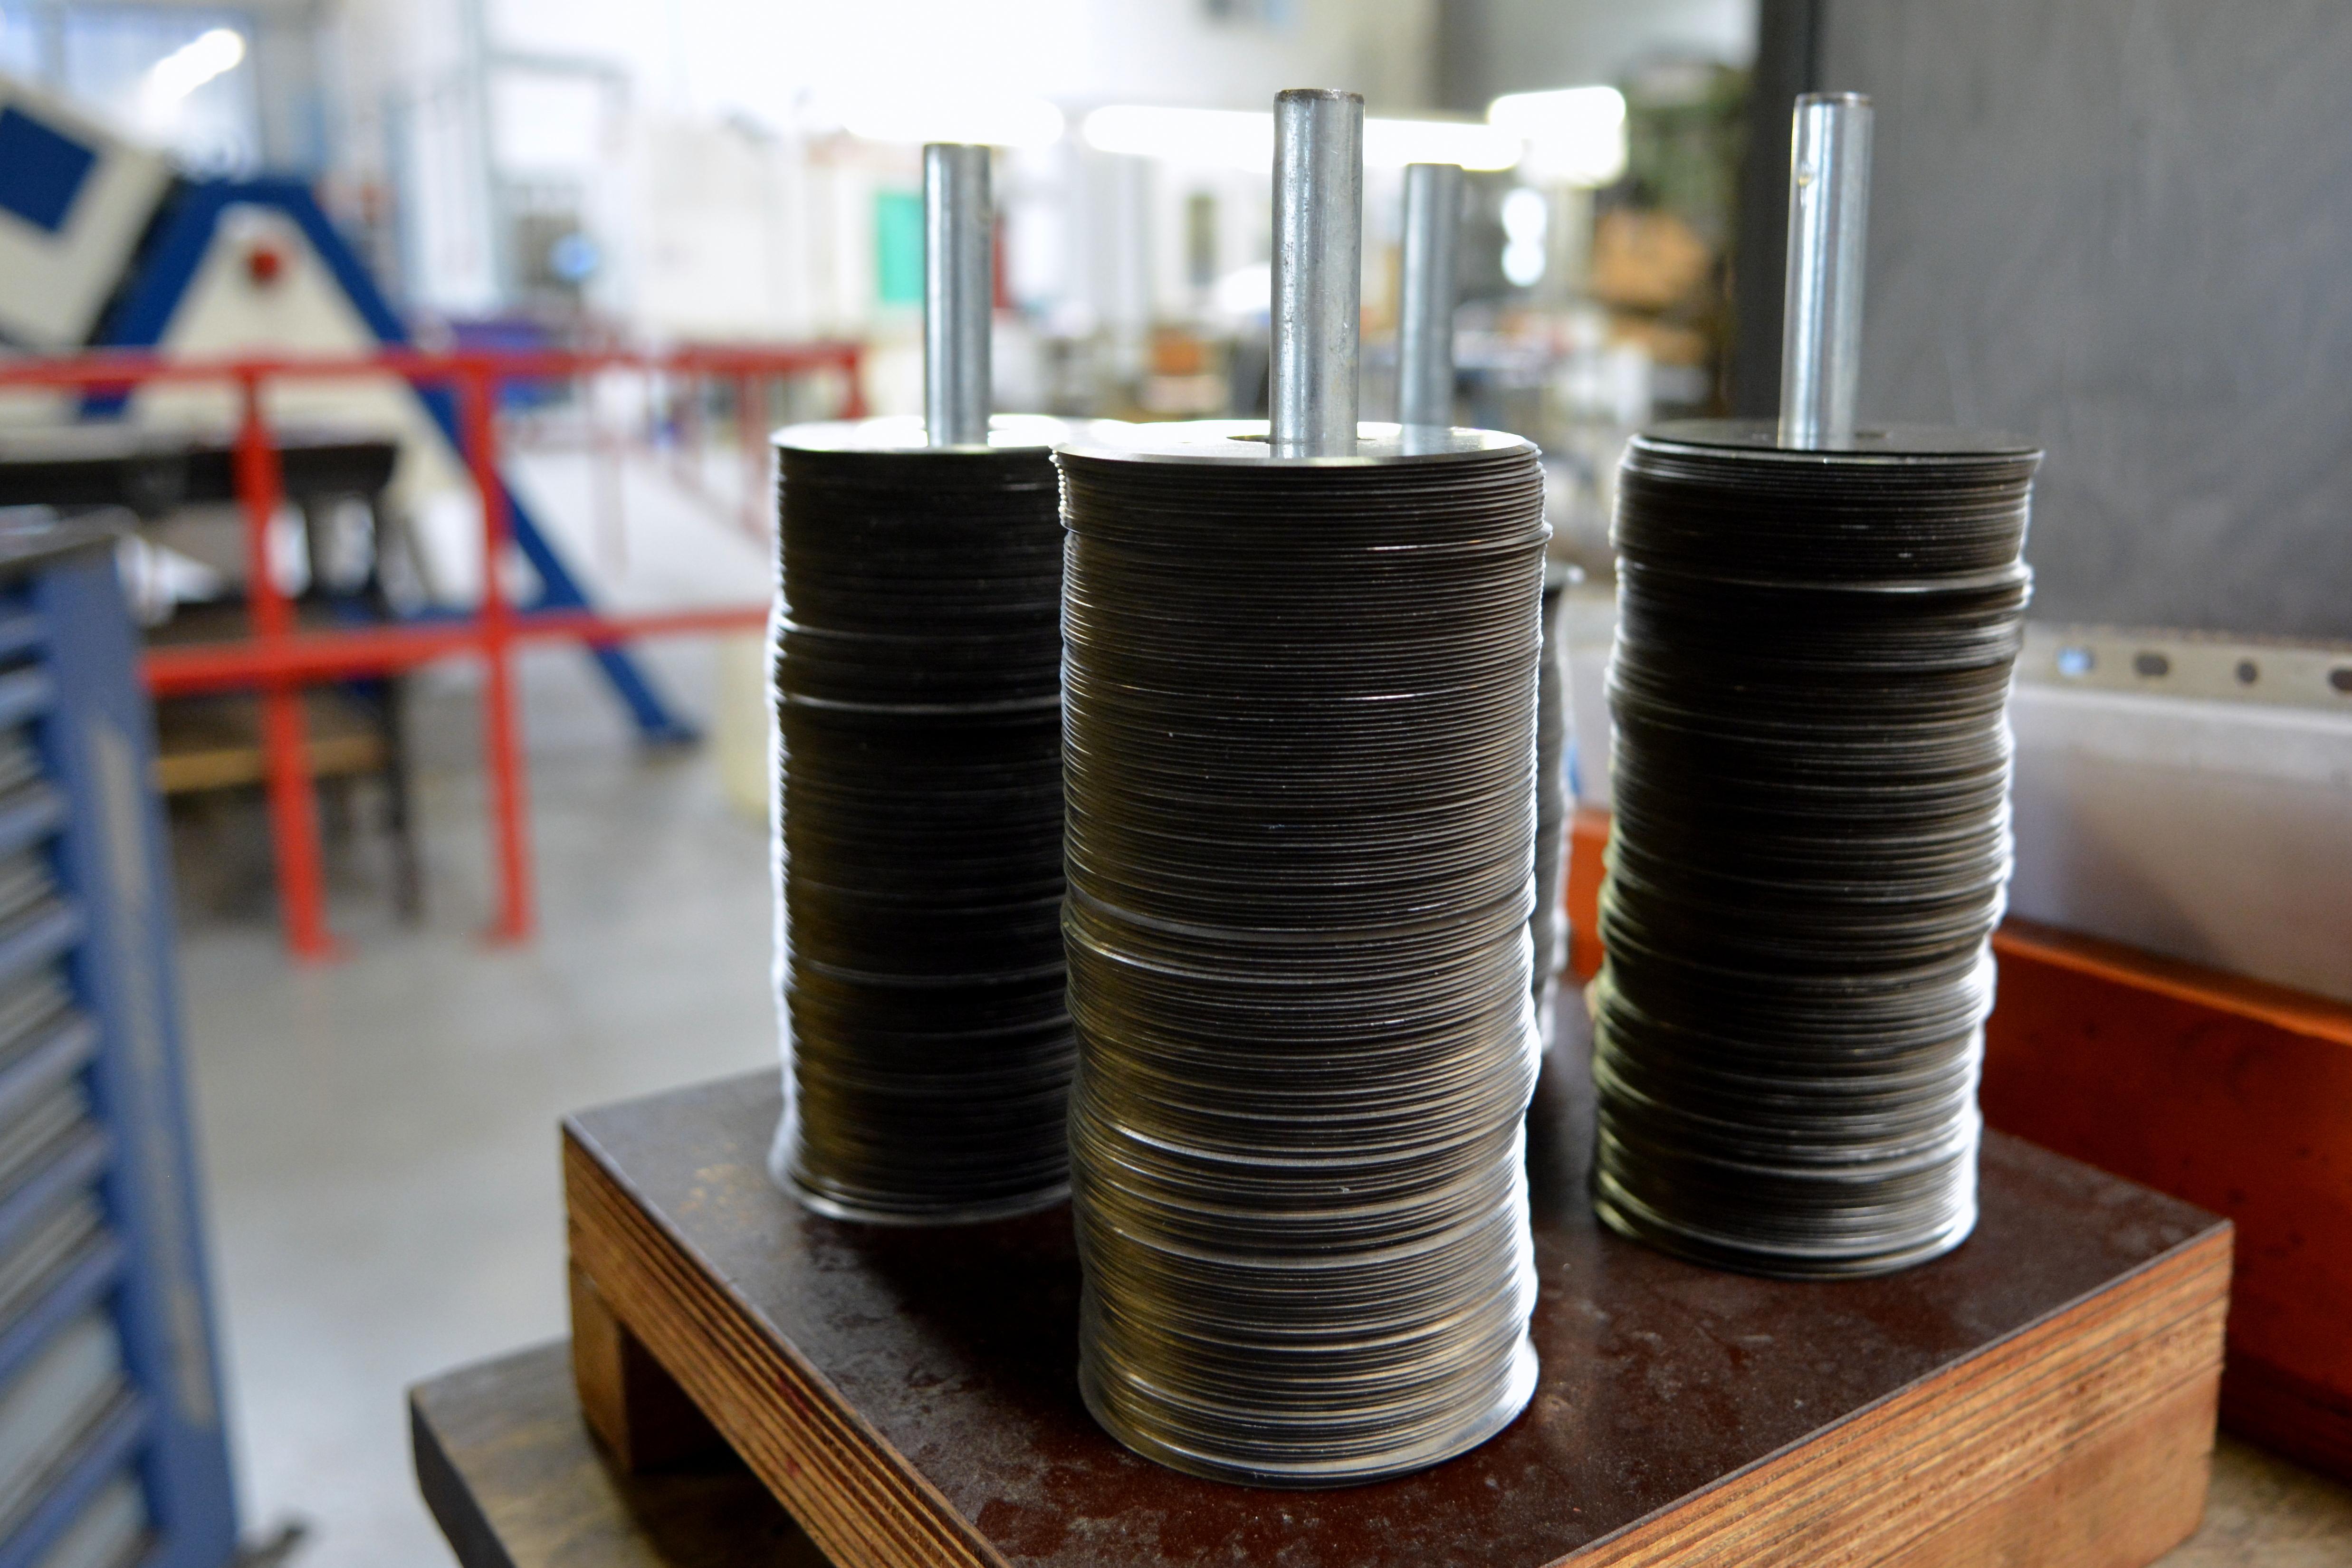 rundmesser lieferant und hersteller tebra